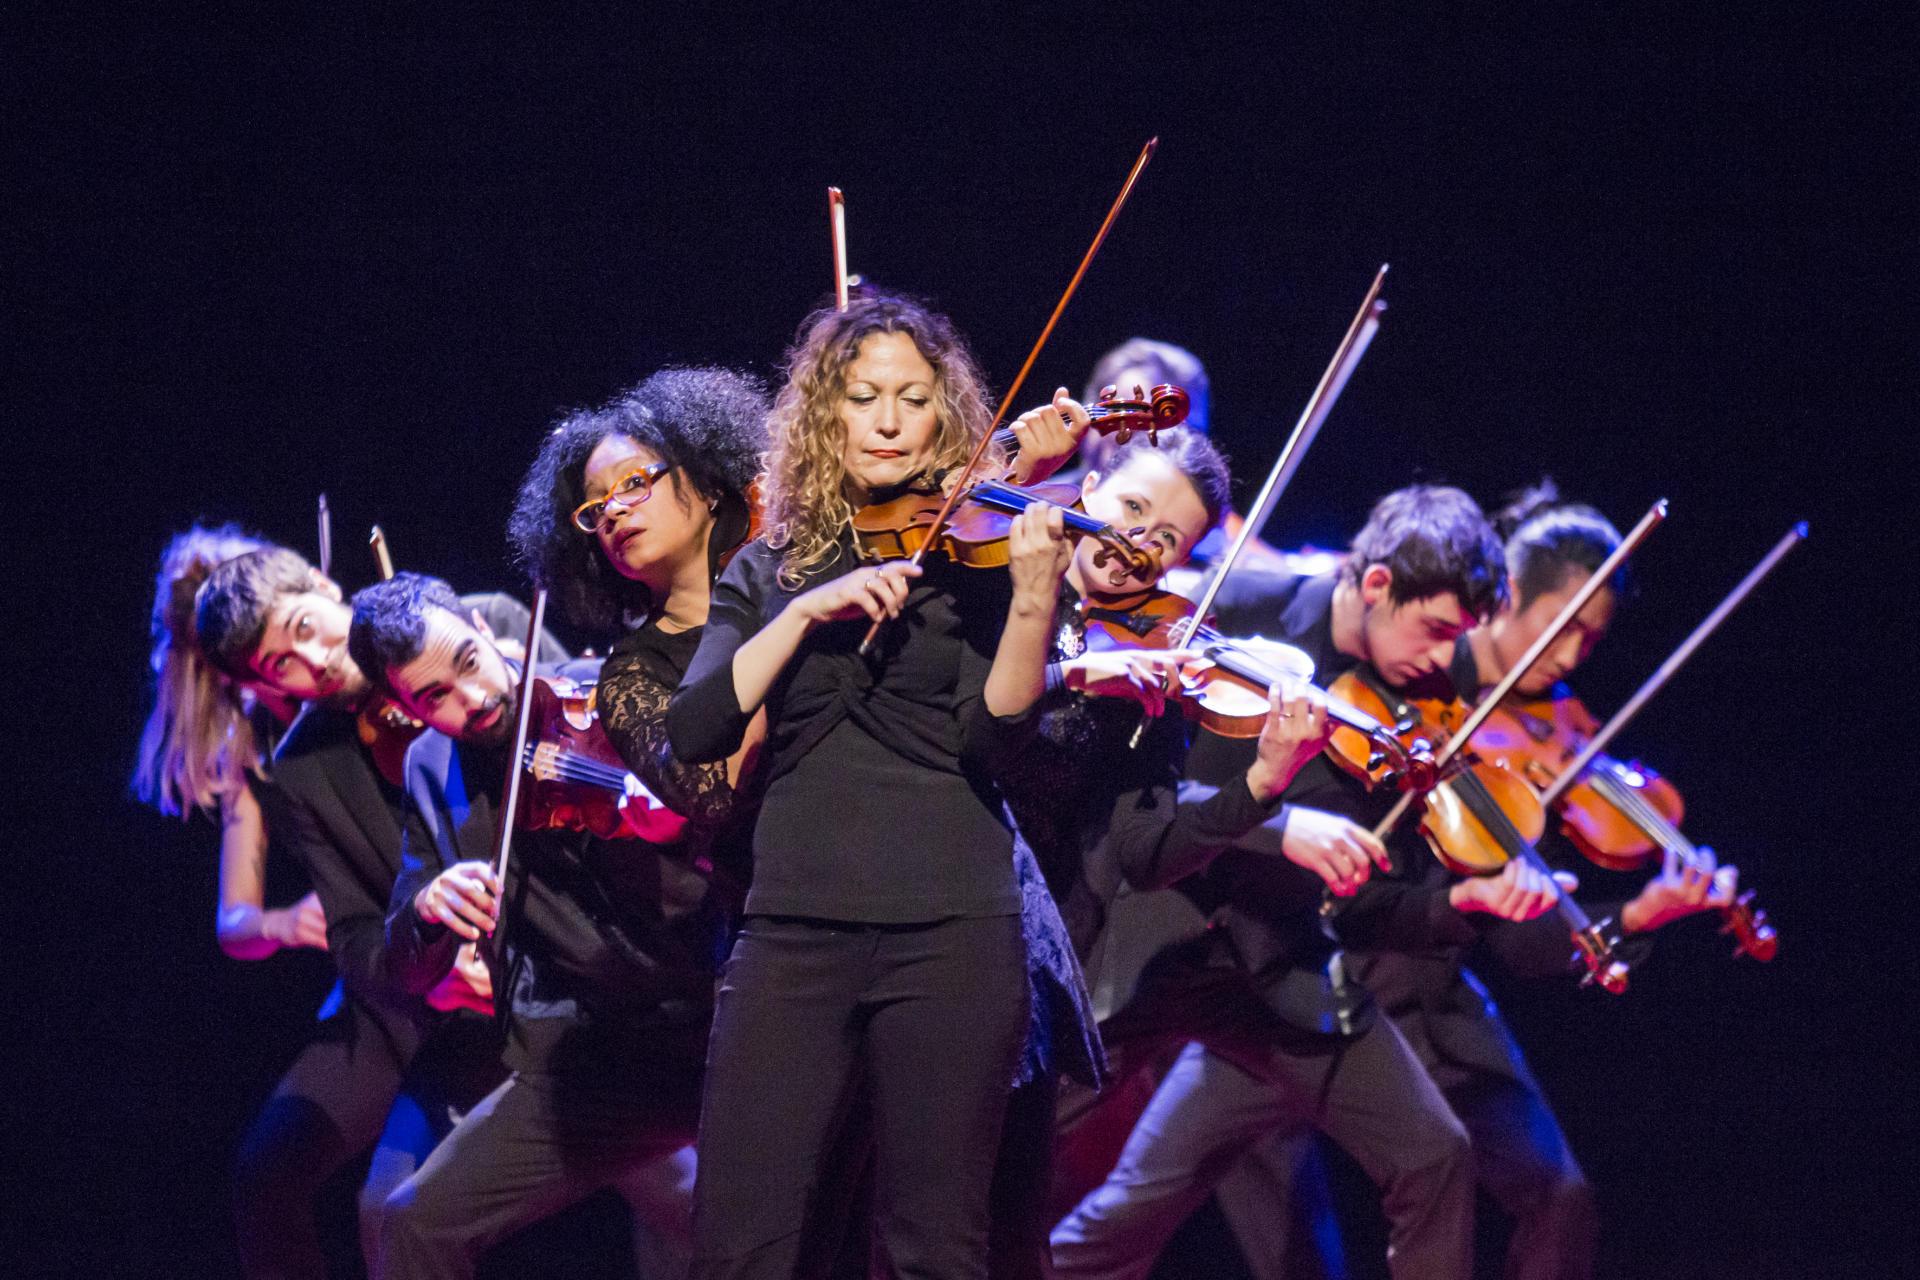 Desconcerto, el concert amb l'Orquestra de Cambra de l'Empordà sota la direcció de Jordi Purtí farà redescobrir els clàssics amb candidesa el 19 d'agost.